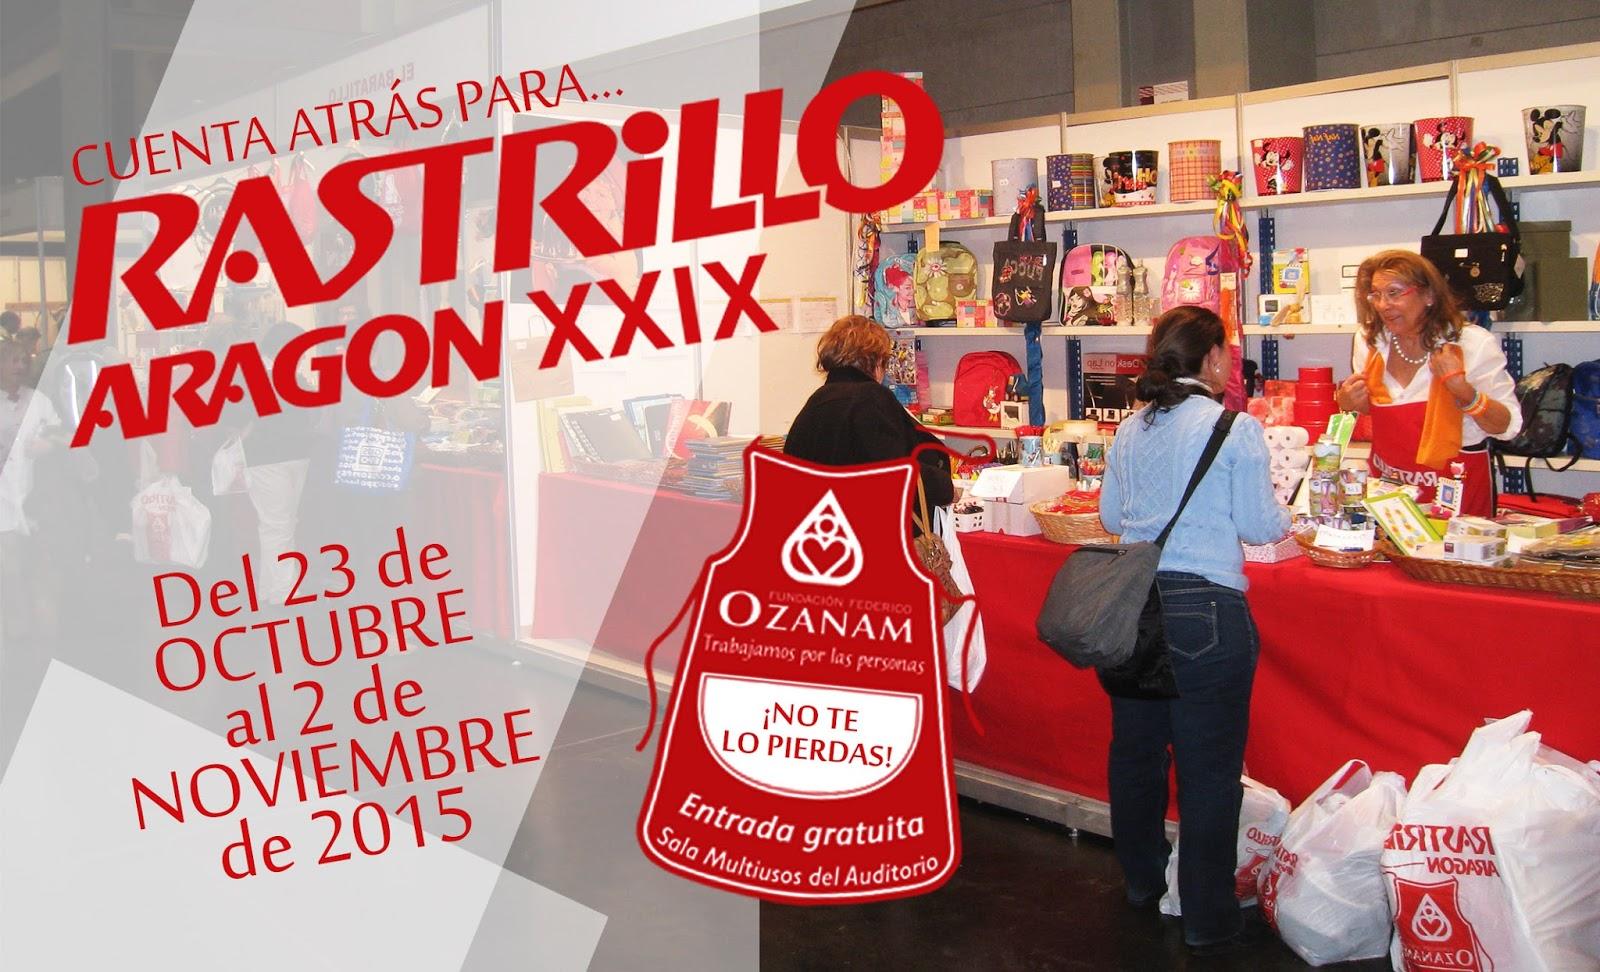 Rastrillo Aragon 2015